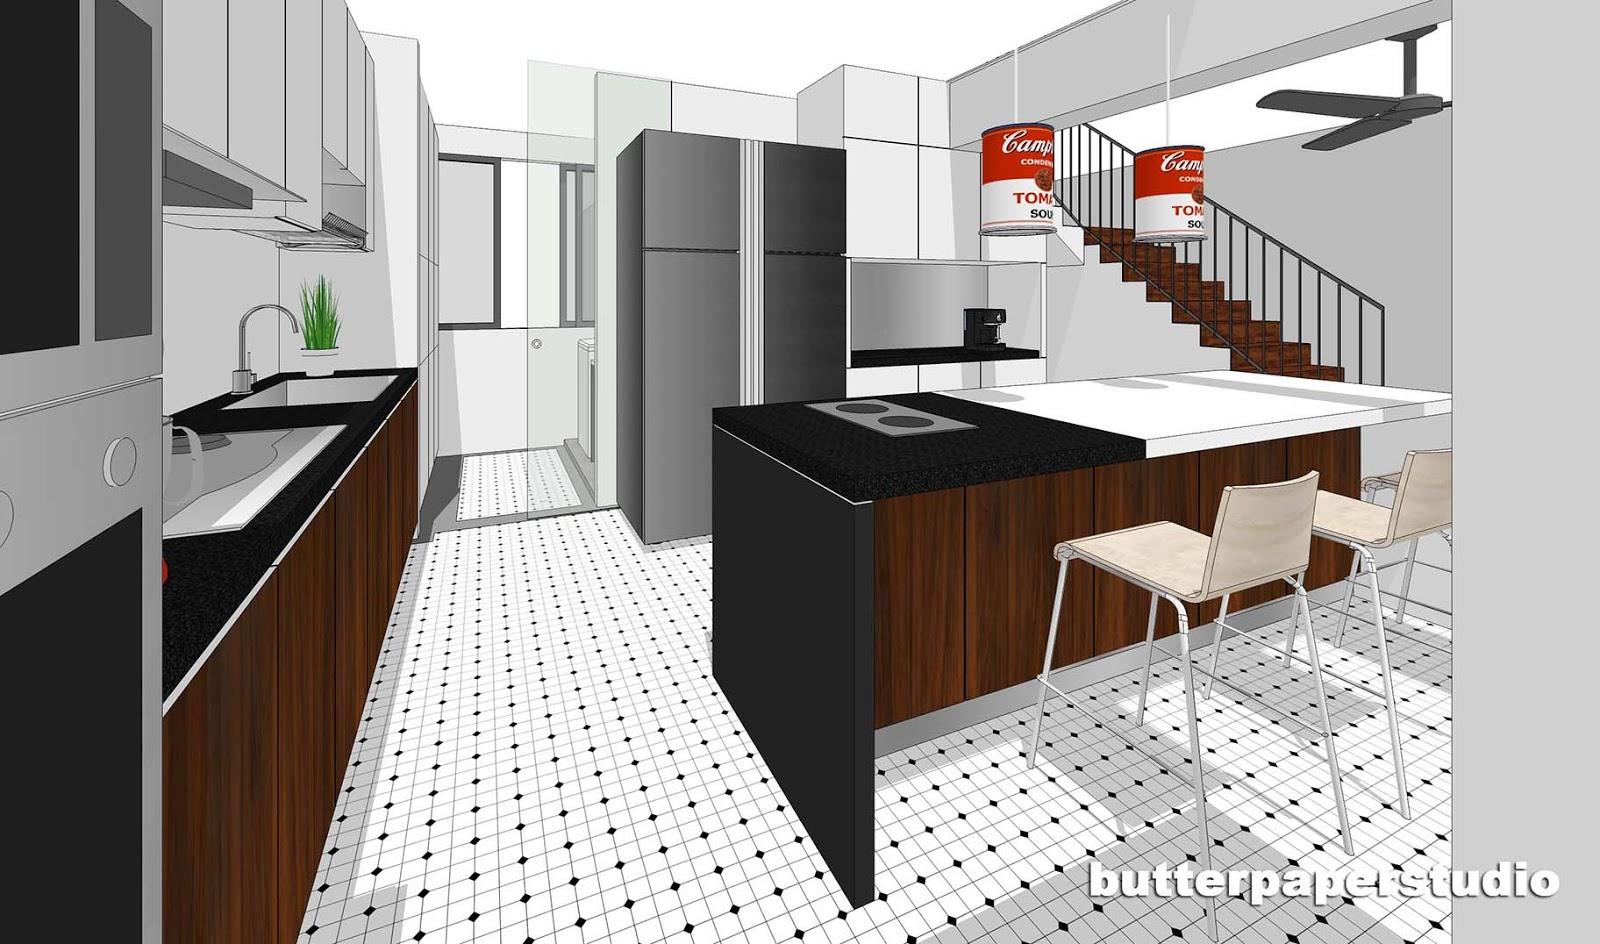 Butterpaperstudio reno hougang maisonette kitchen for Maisonette plans